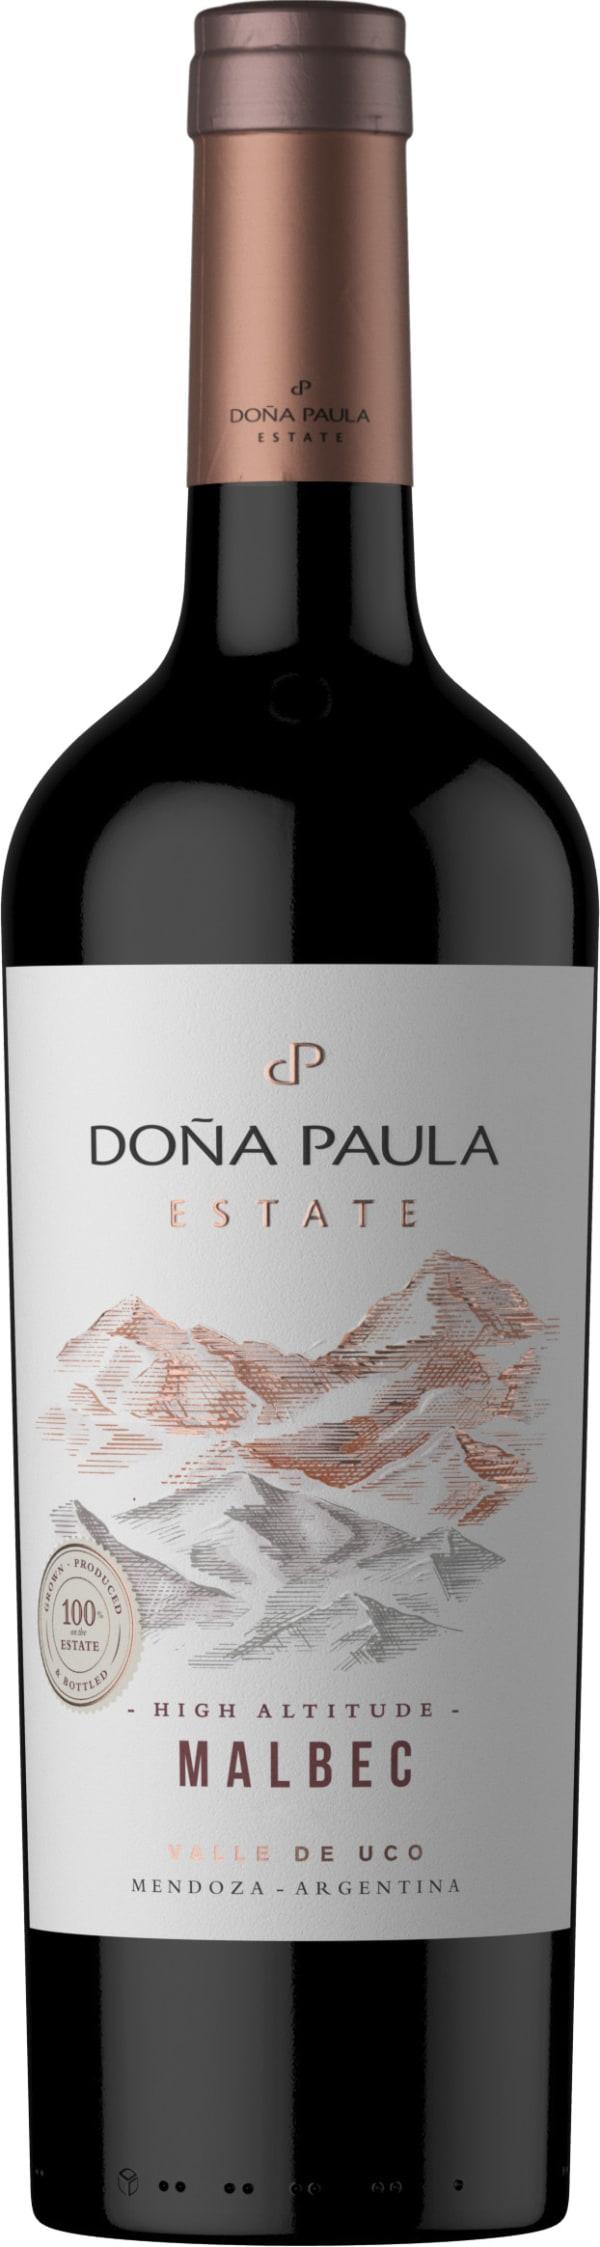 Doña Paula Estate Malbec 2018